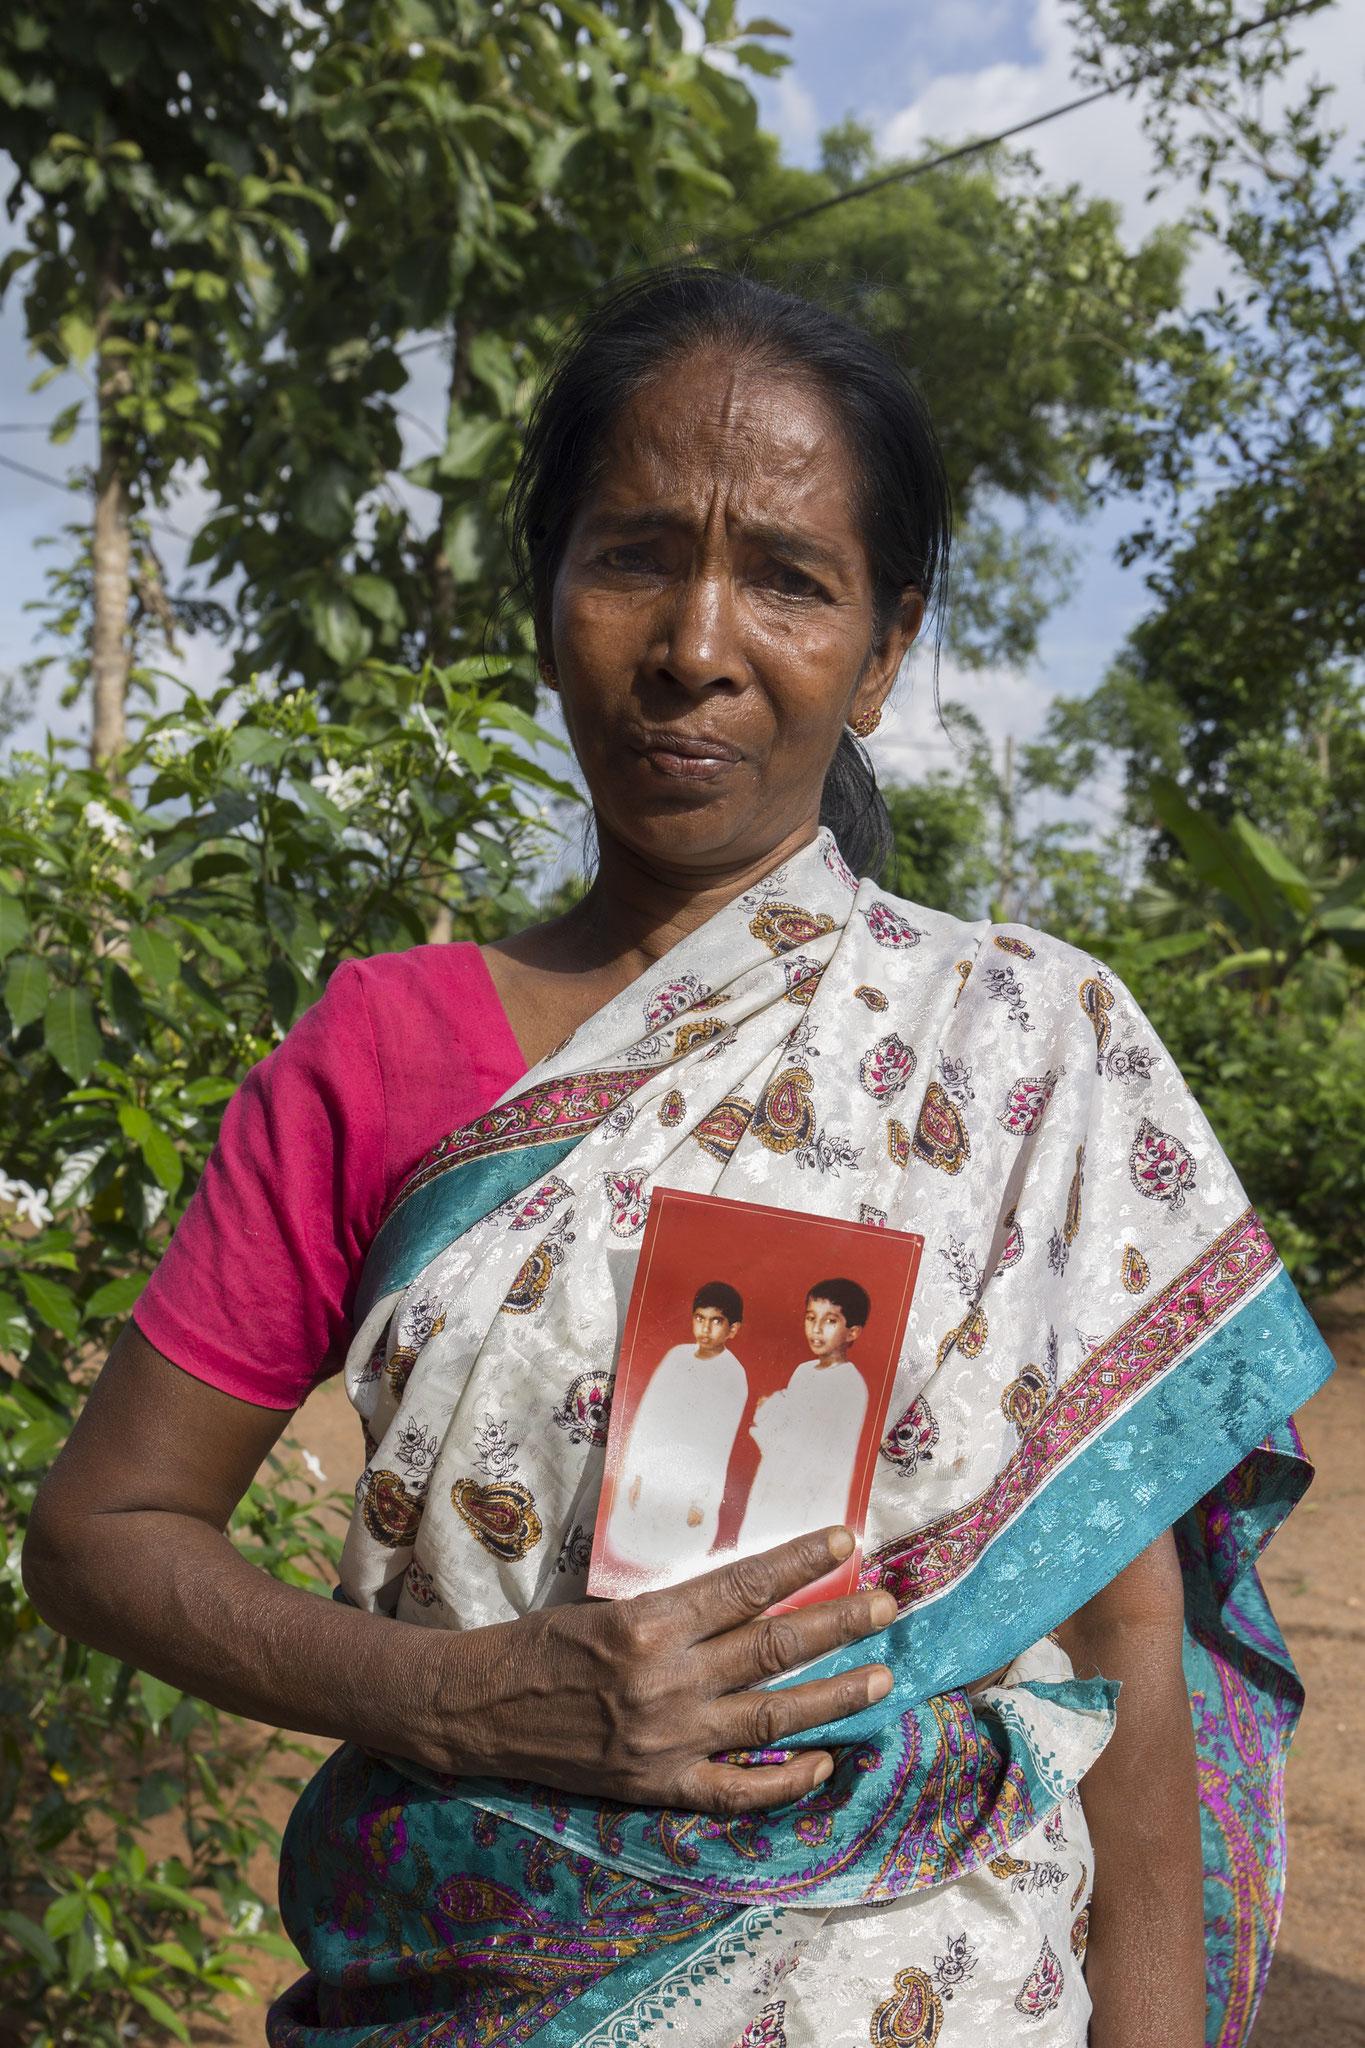 Annalaxmi hält ein Bild von ihren beiden vermissten Söhnen in der Hand. Vavuniya, 2018